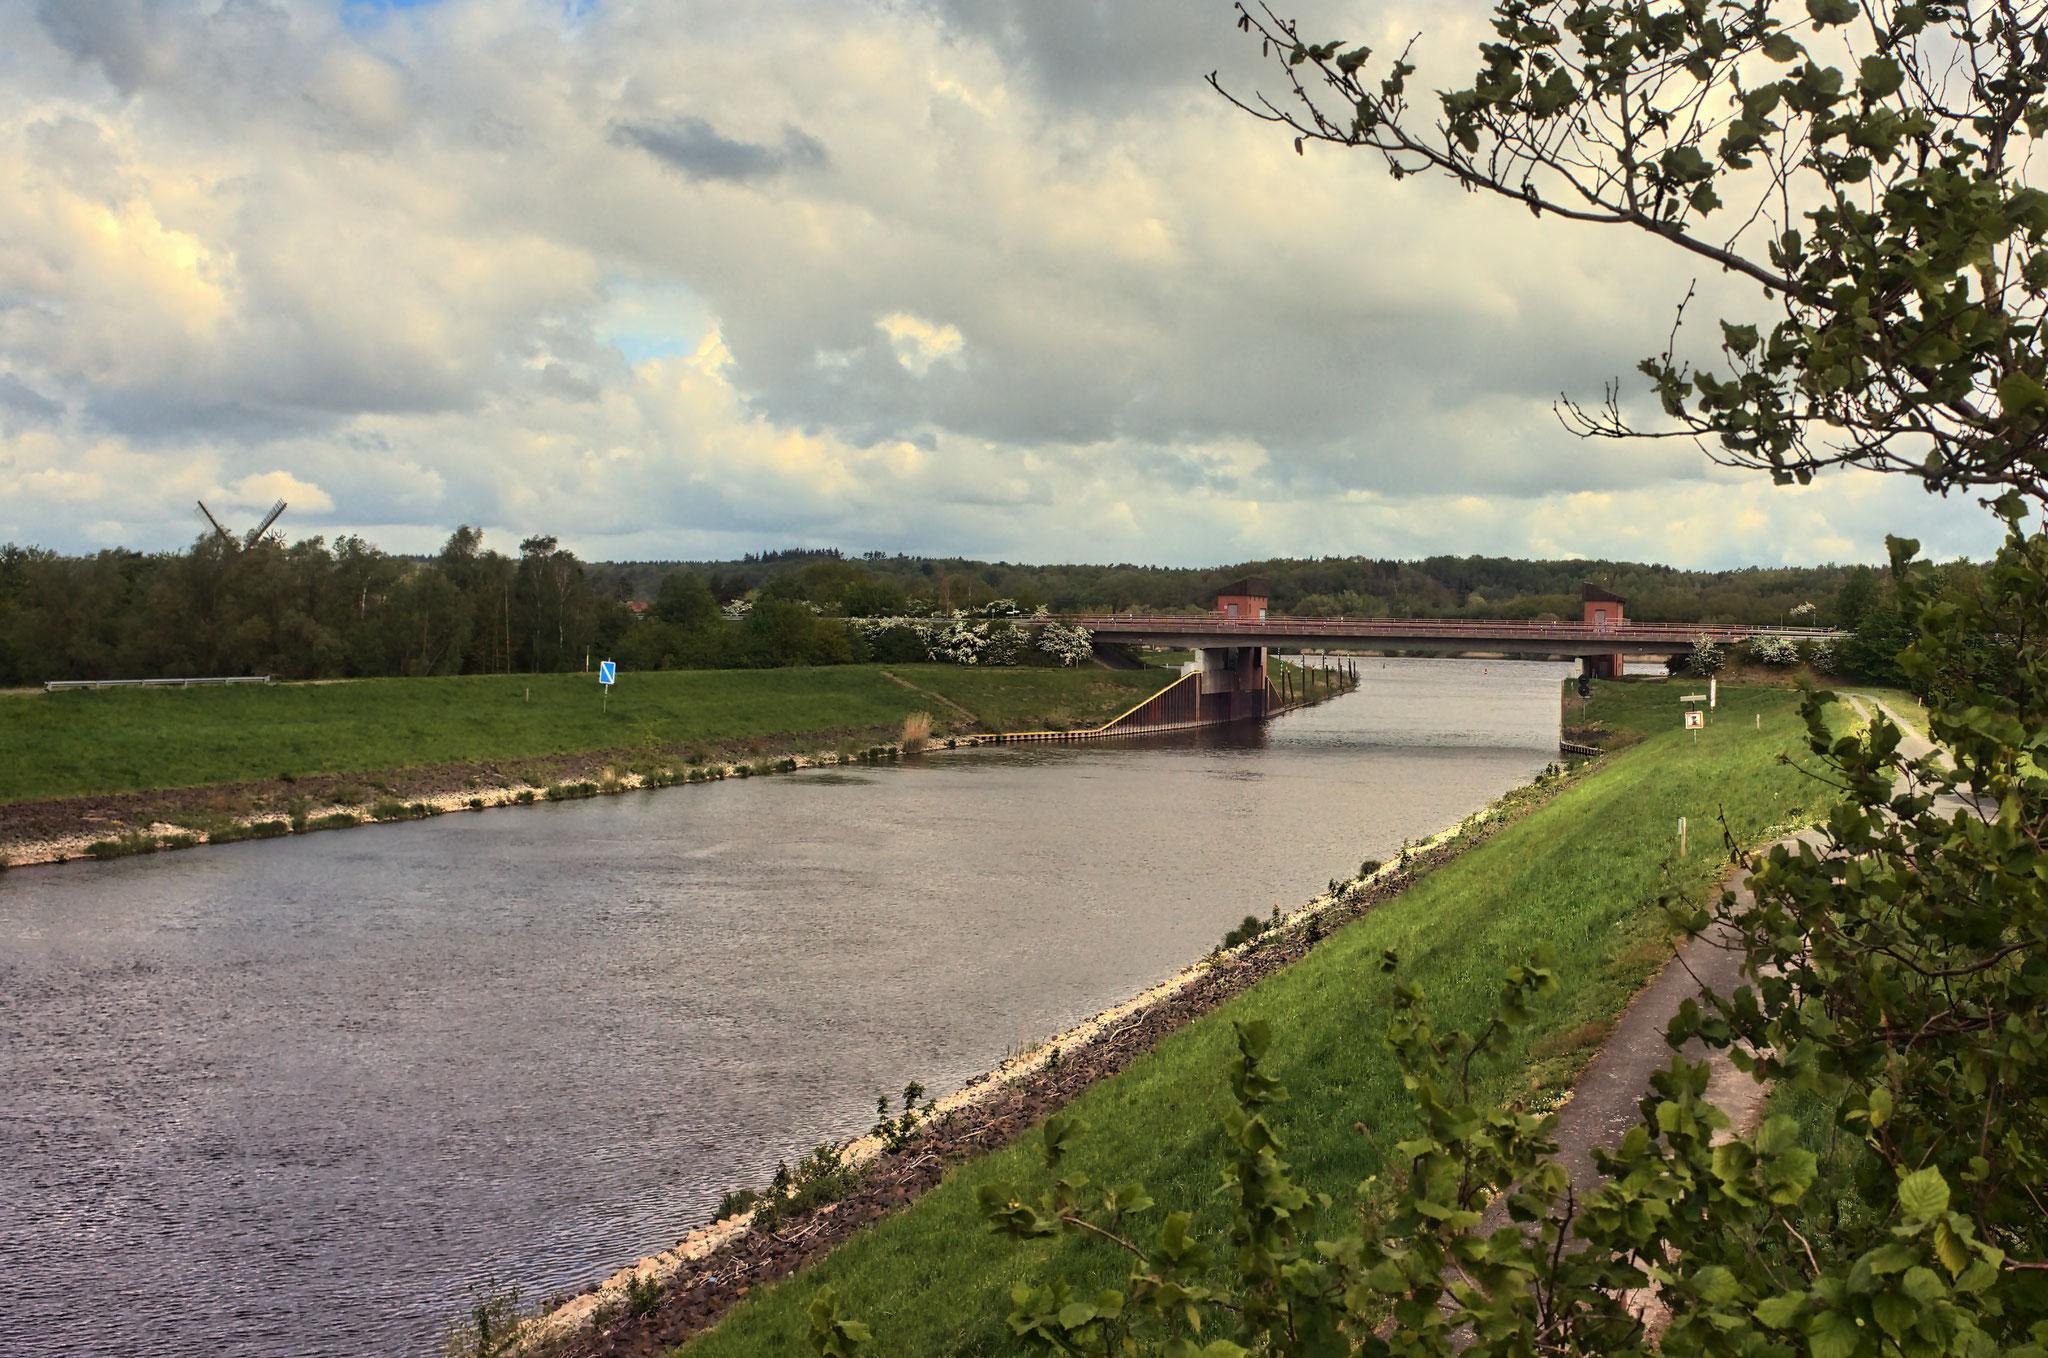 Mündung des Elbe-Seitenkanals in die Elbe am 04.05.2019